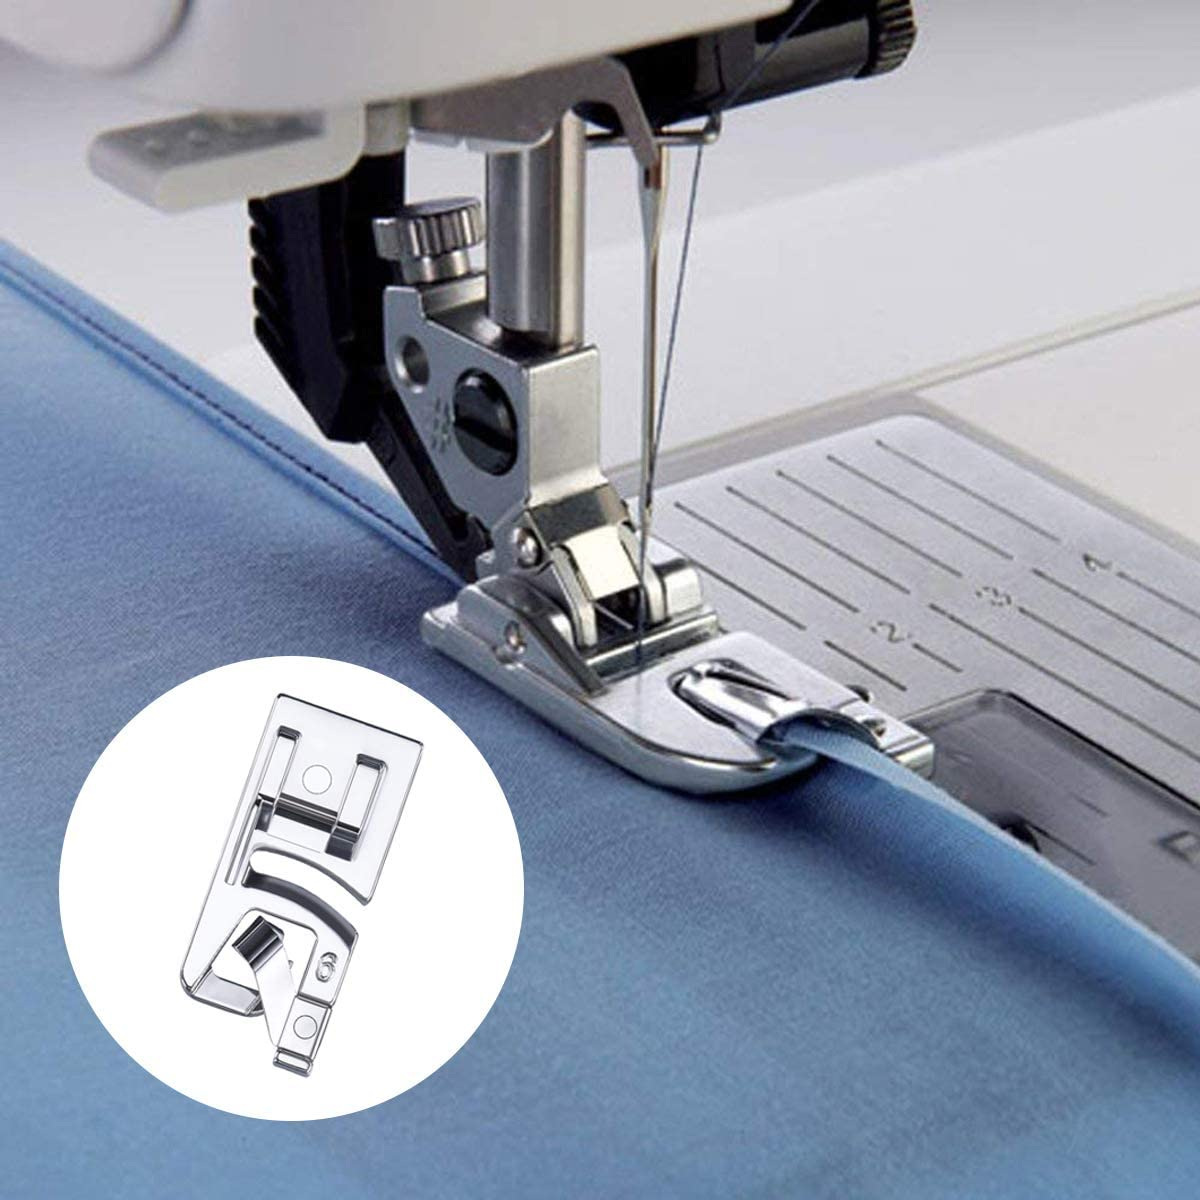 LMYJ - Juego de prensatelas para dobladillo estrecho (3 mm, 4 mm y ...